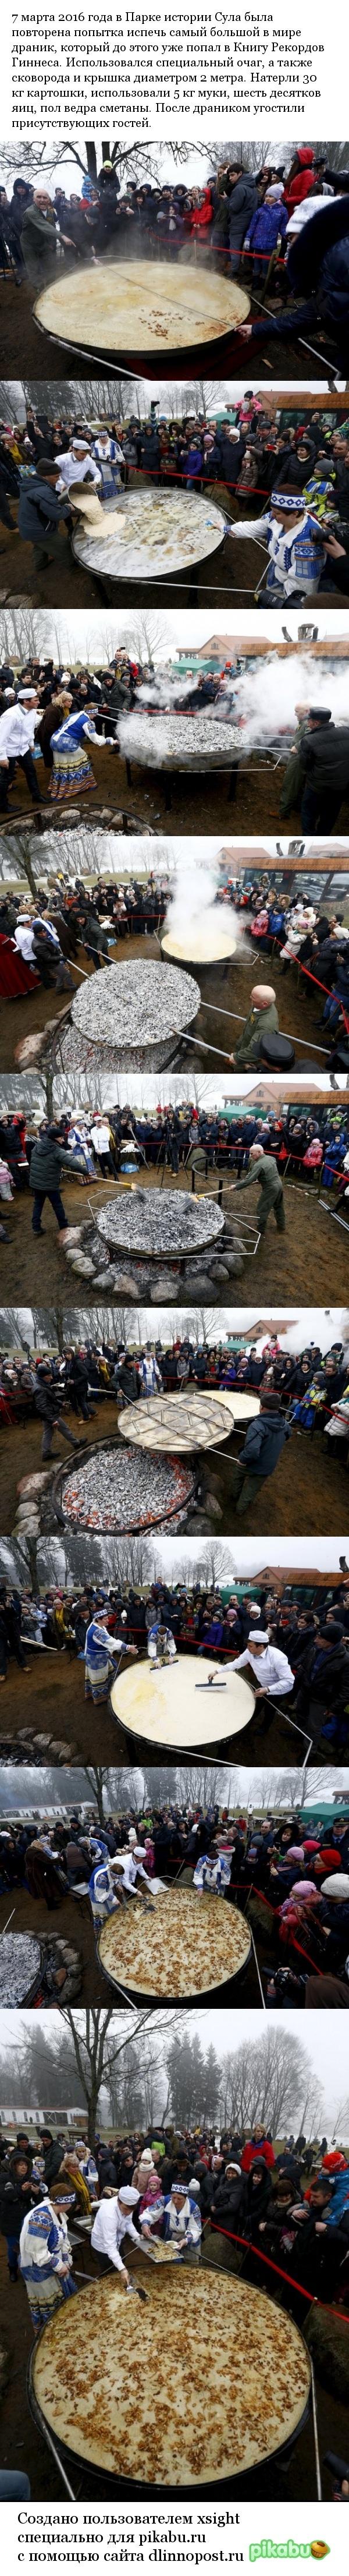 В Беларуси снова испекли самый большой в мире драник. Беларусь, Книга рекордов Гиннесса, драники, диво дивное, длиннопост